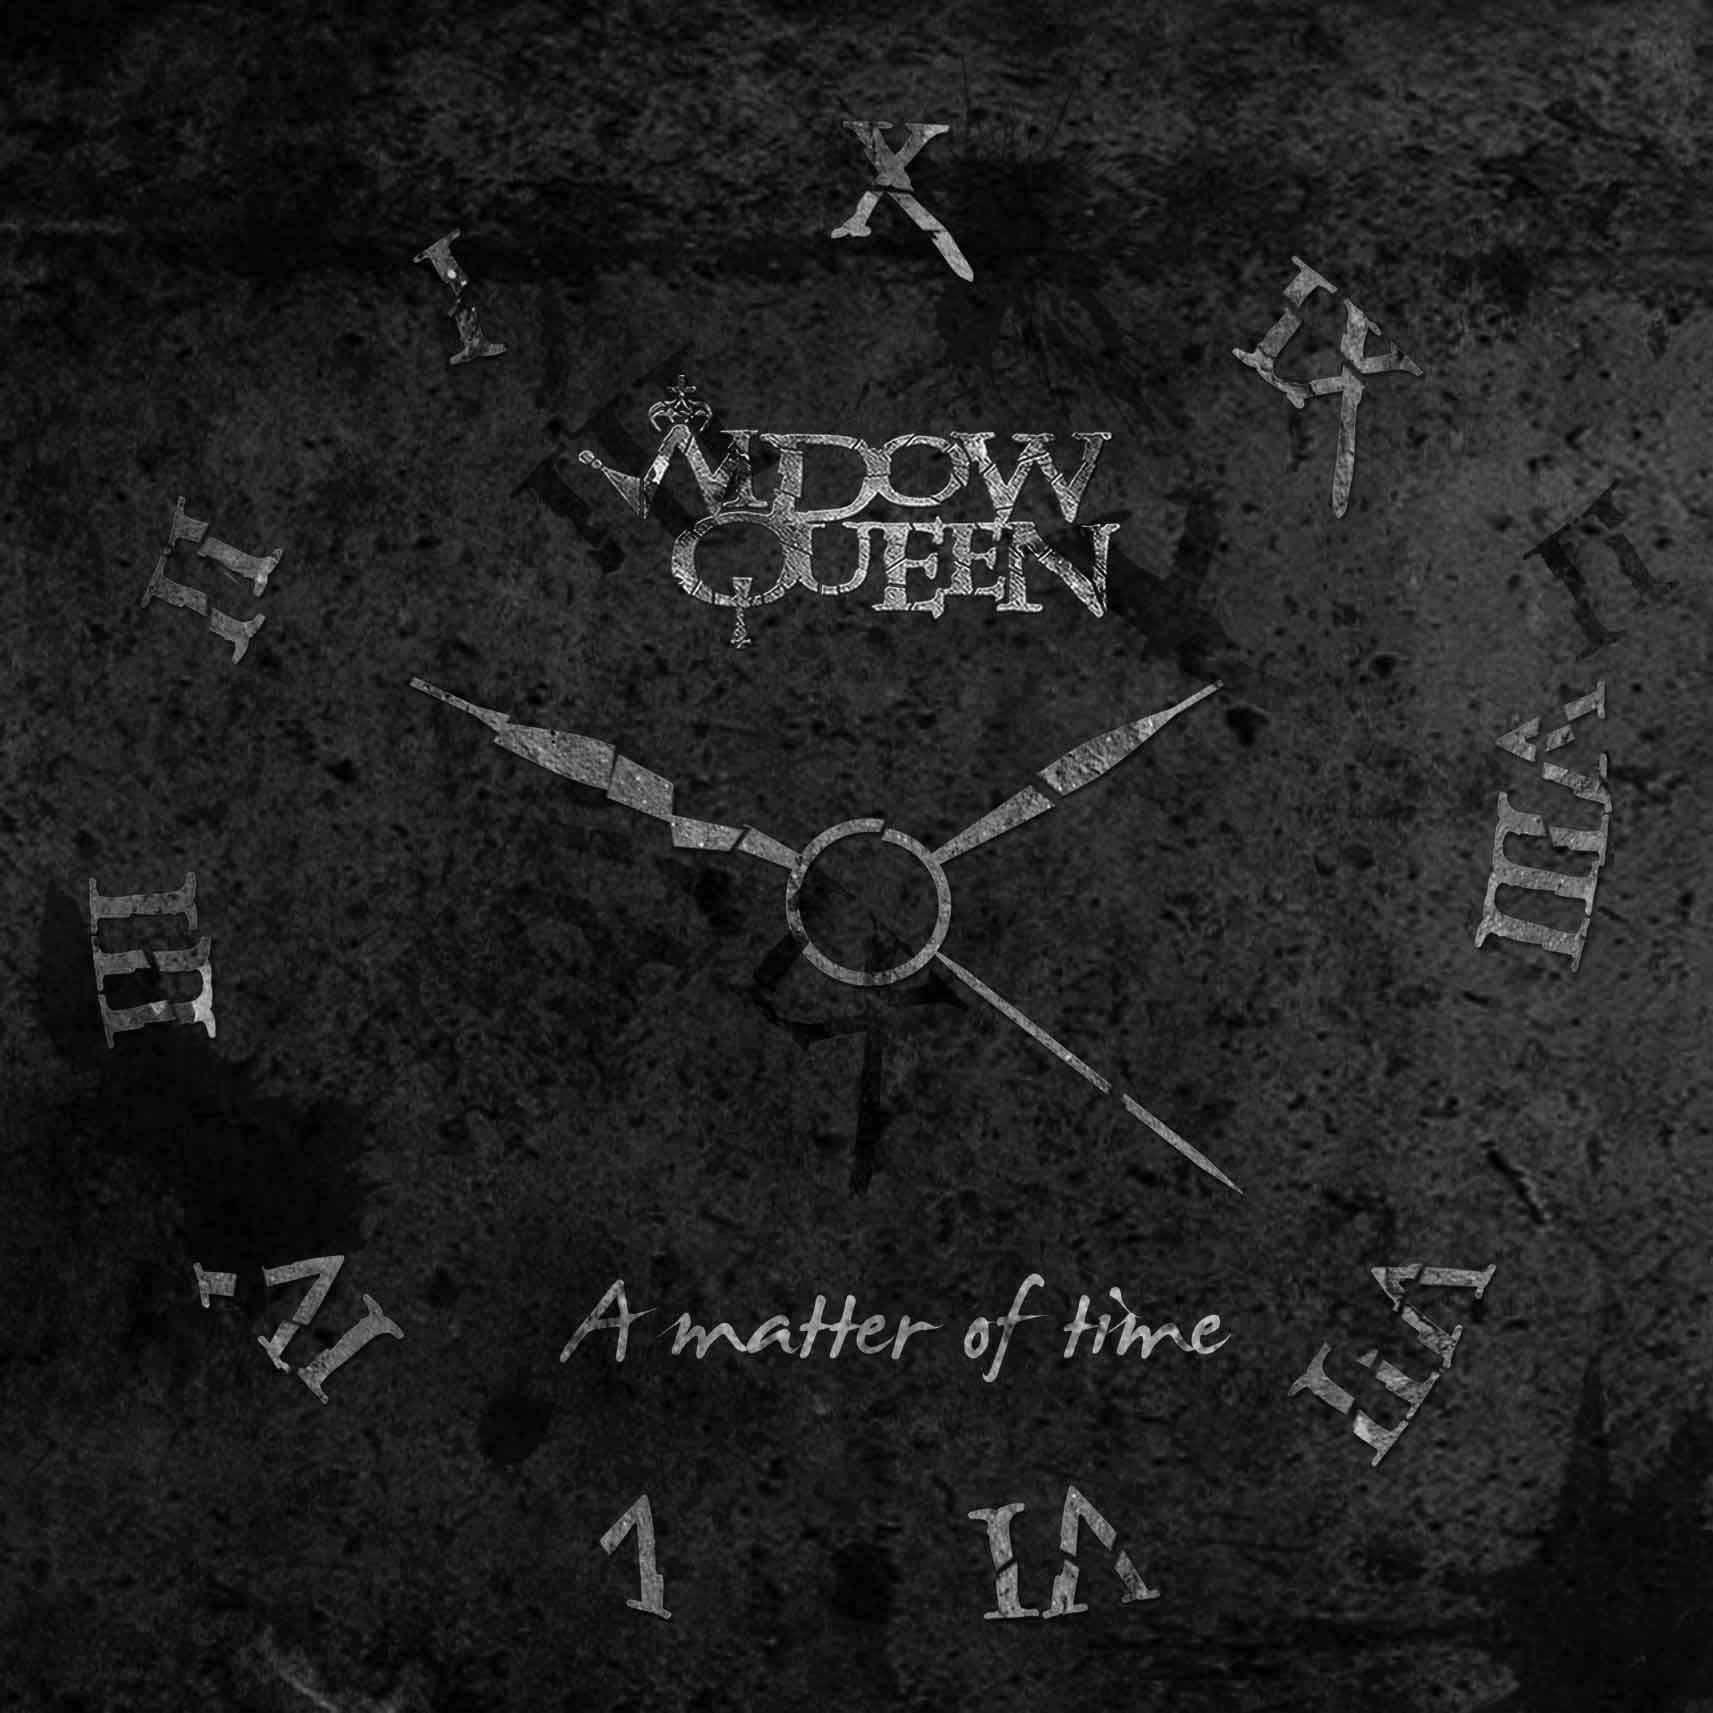 Widow Queen - A Matter Of Time - Cover Album